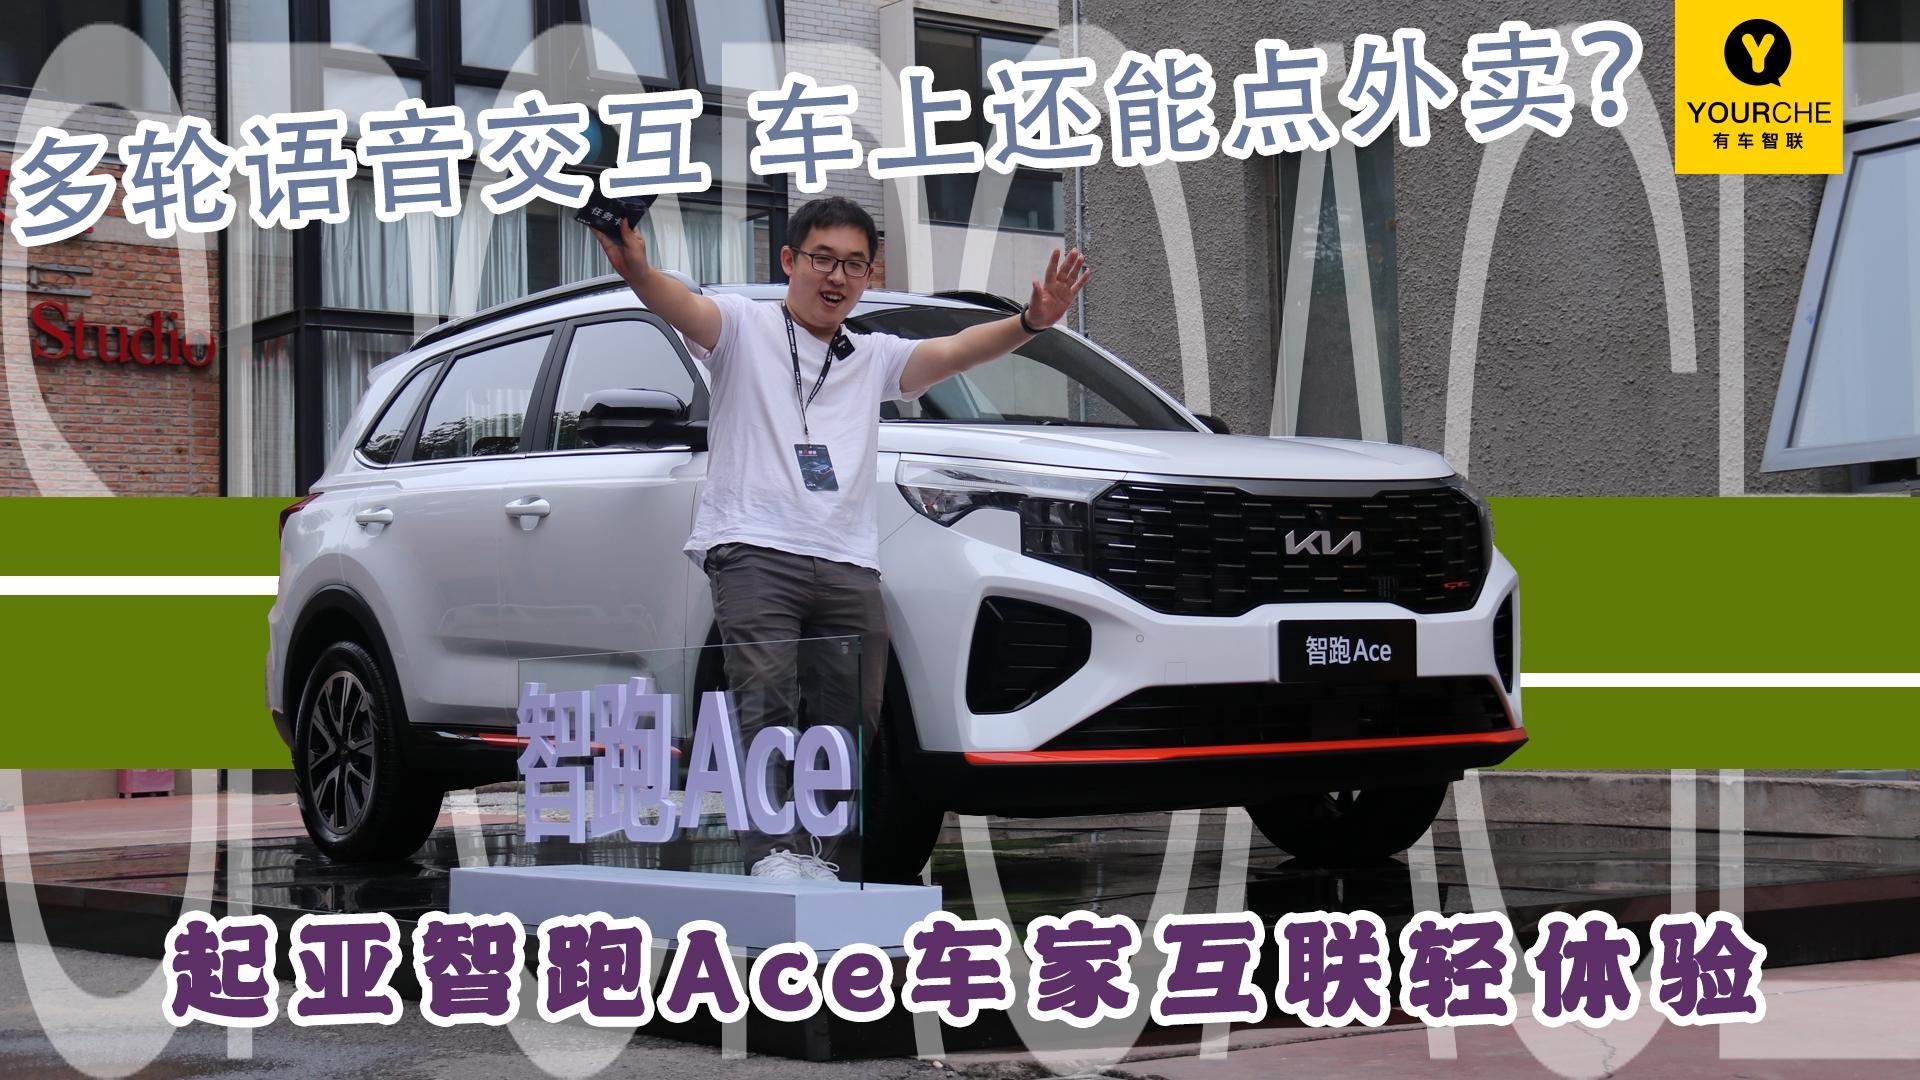 视频:多轮语音交互 车上还能点外卖?智跑Ace车家互联轻体验